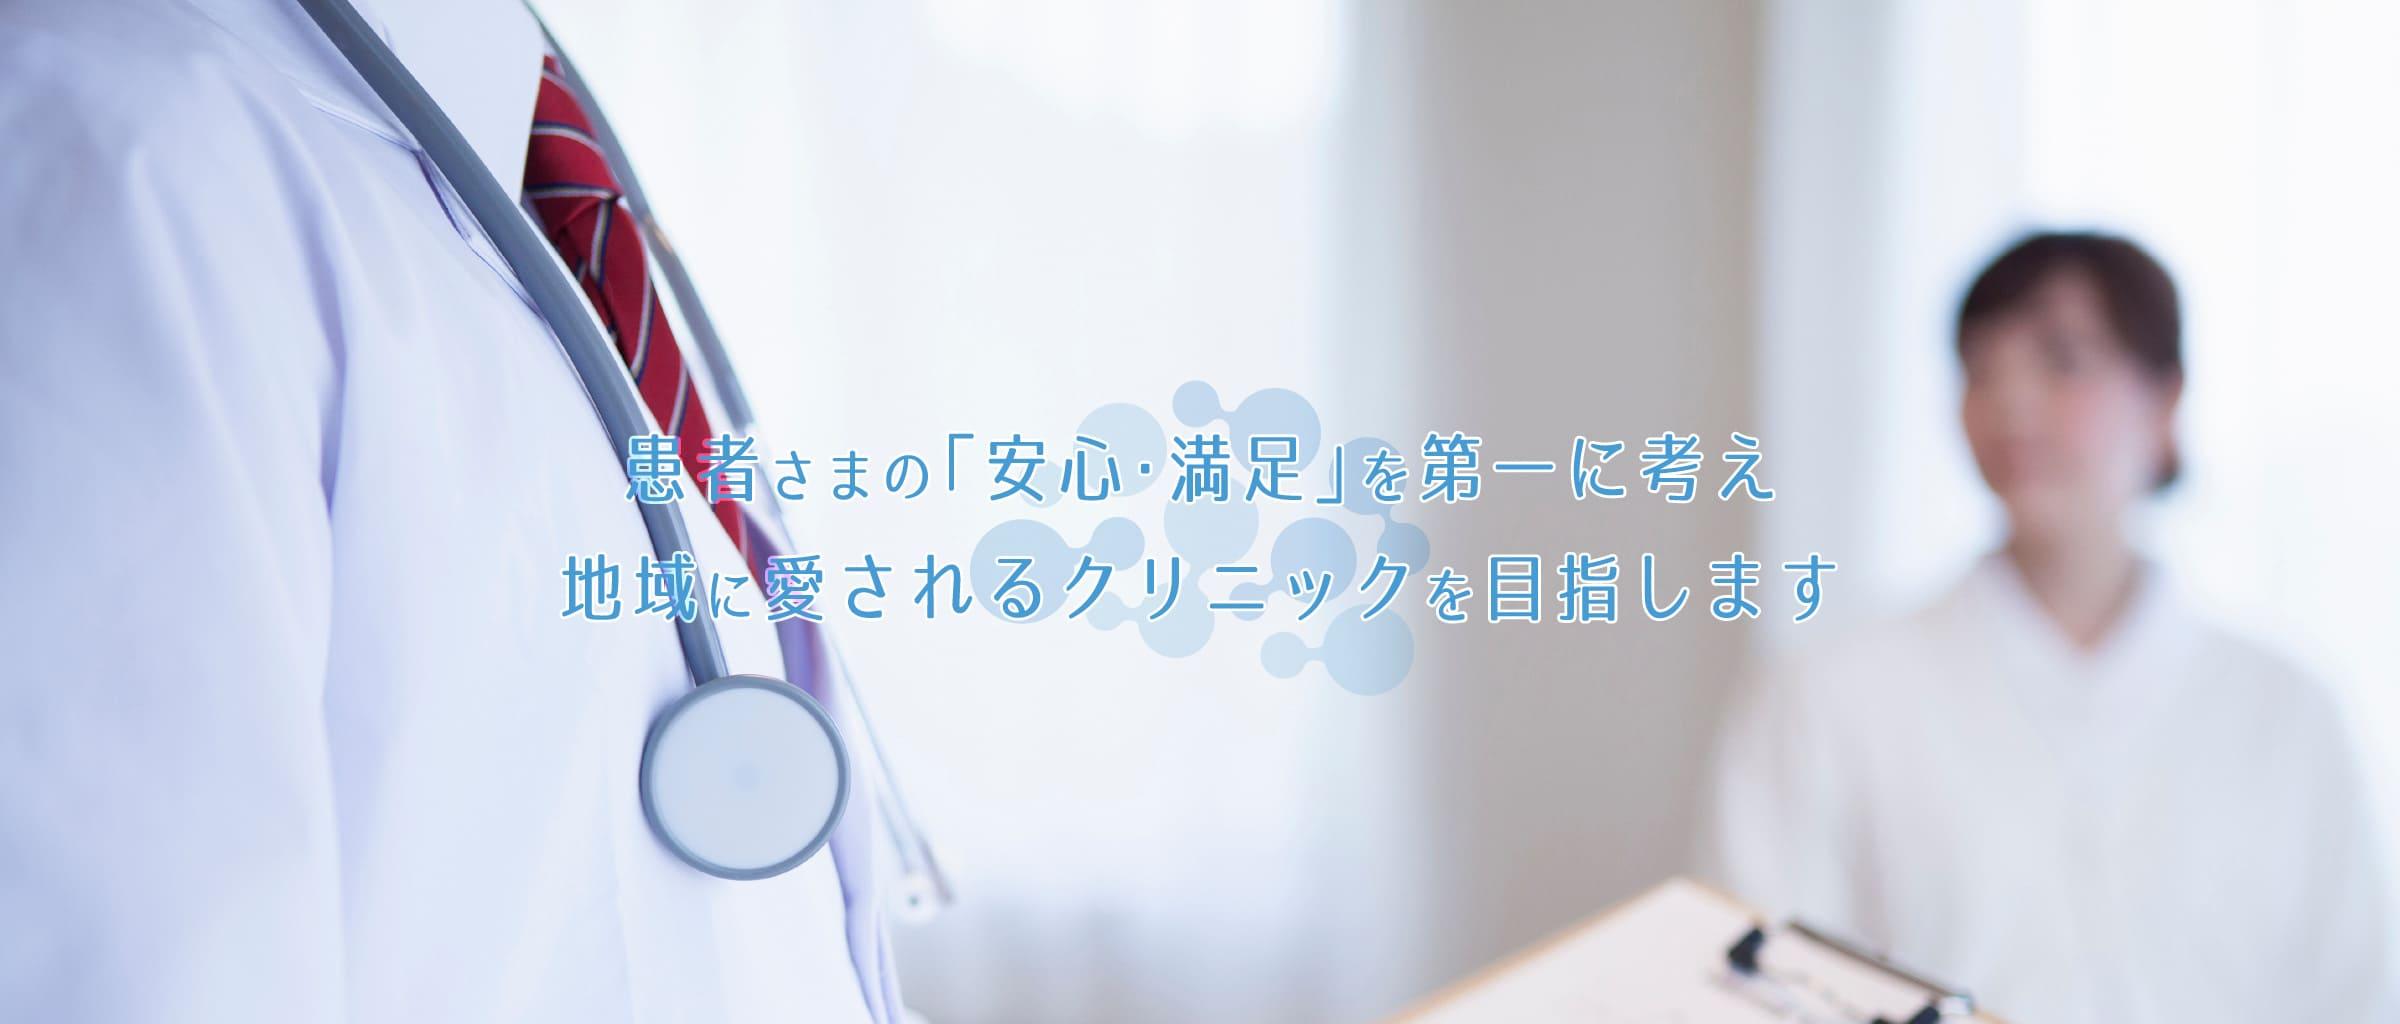 横浜 青葉 脳神経 外科 クリニック